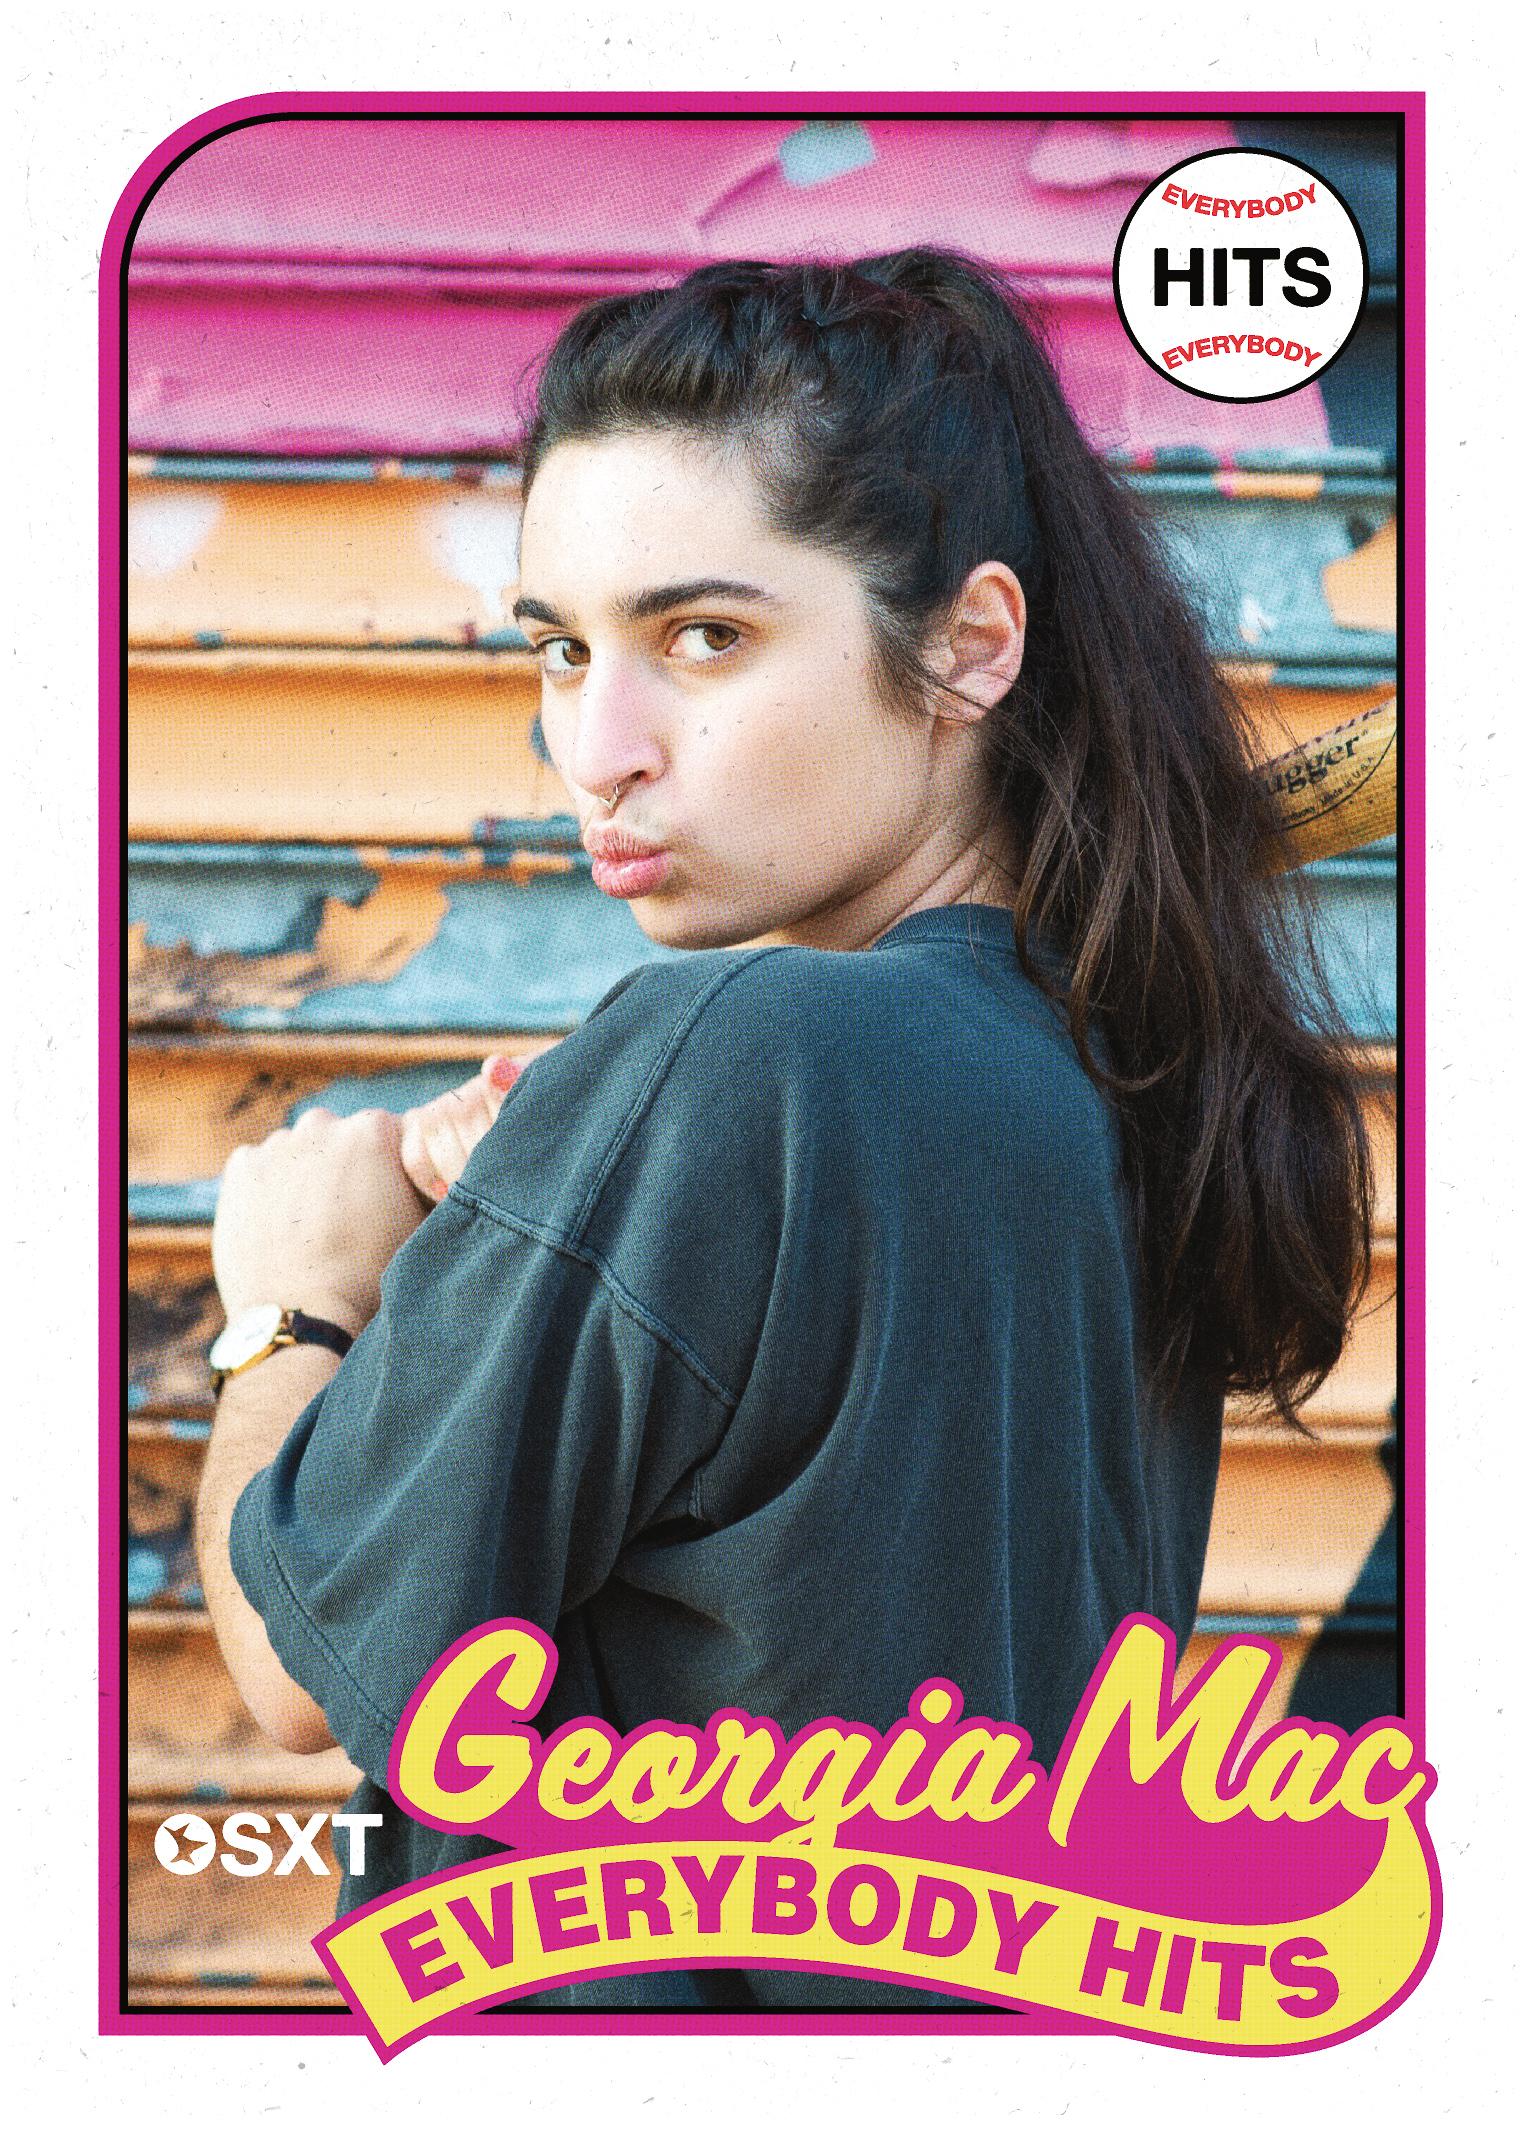 Georgia Mac